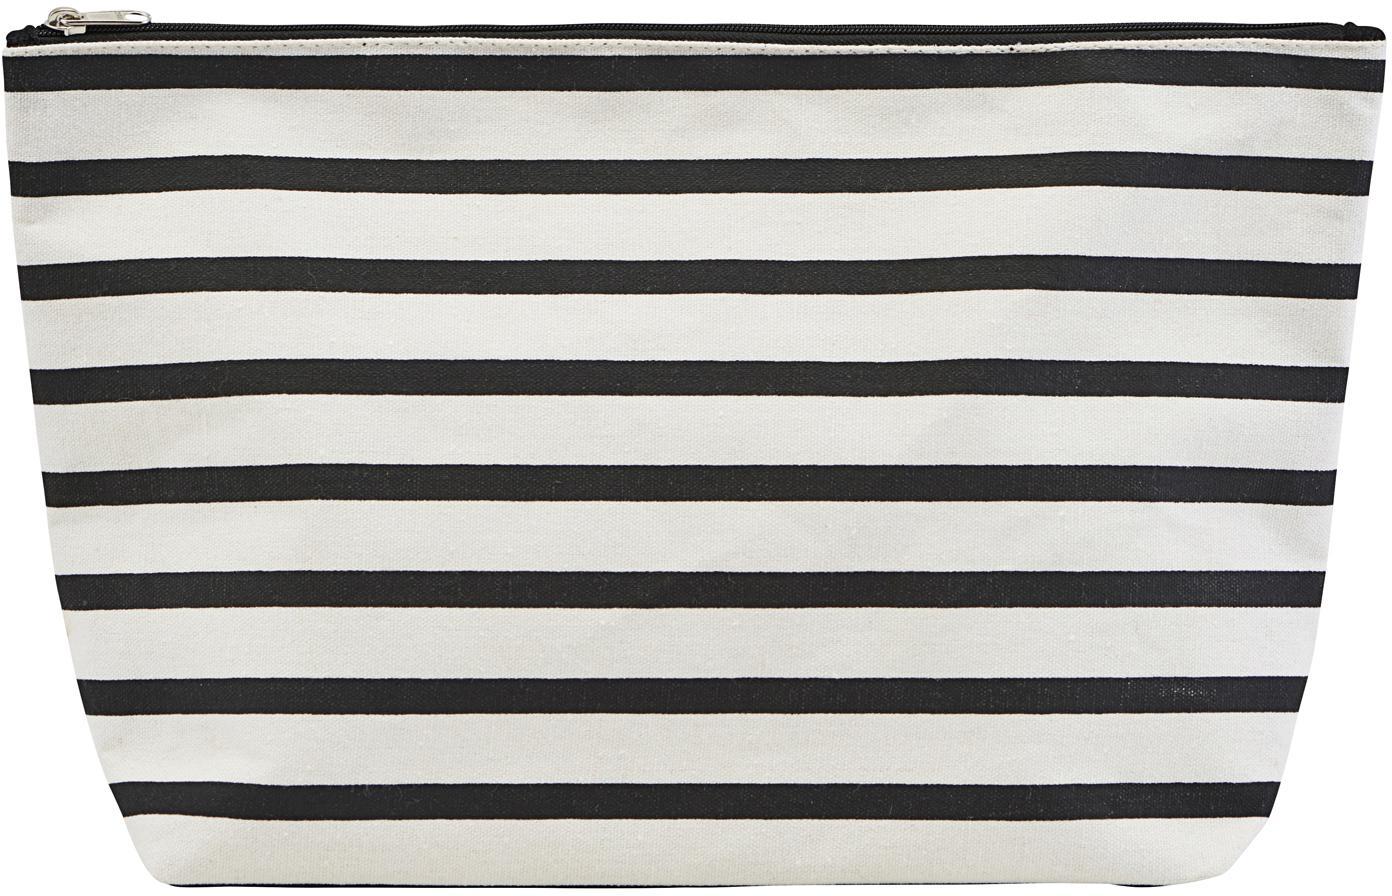 Kosmetyczka z zamkiem błyskawicznym Stripes, 38%bawełna, 40%poliester, 22%rayon, Czarny, biały, S 32 x W 20 cm